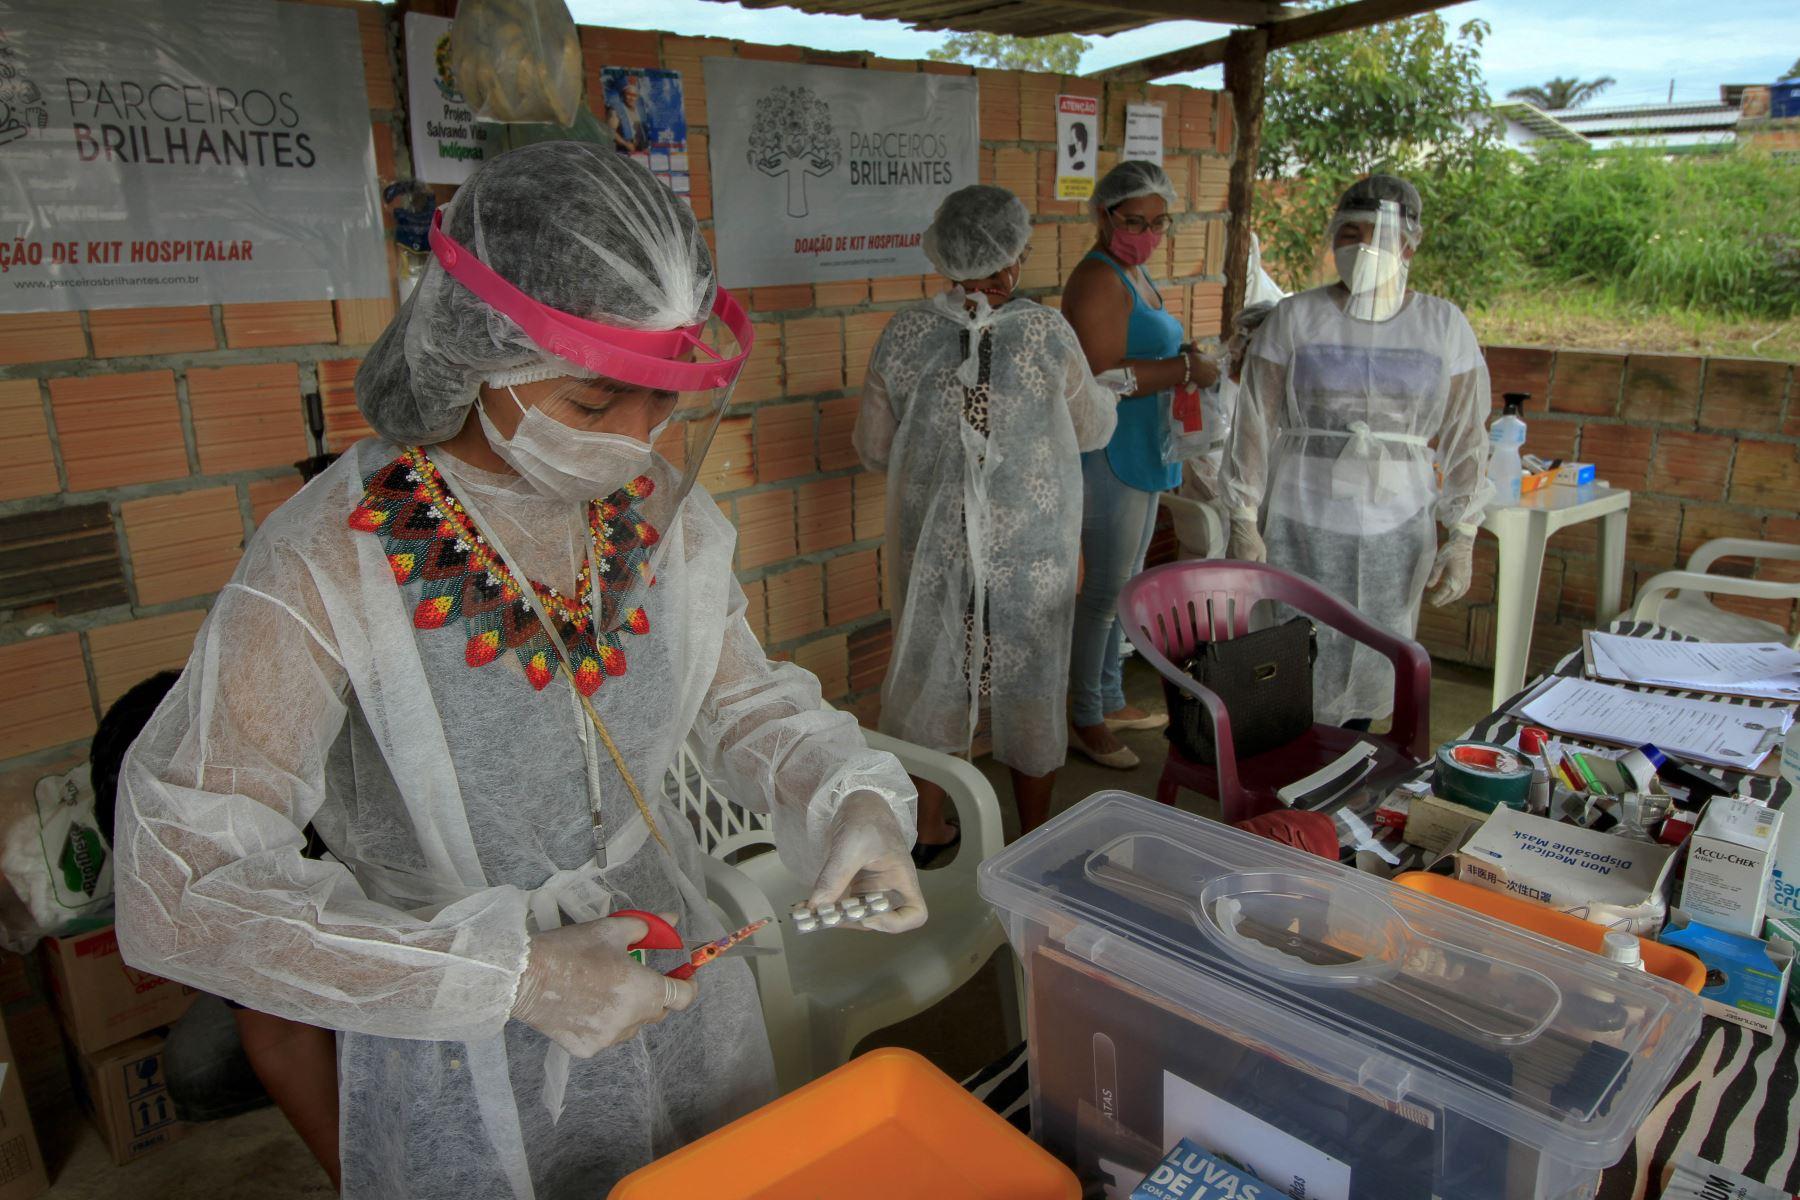 Unidad de atención médica improvisada en el barrio indígena Parque das Tribos, ubicado en la ciudad de Manaos, estado de Amazonas, para atender a pacientes en los suburbios de Manaos. Estado de Amazonas, Brasil, durante la pandemia del nuevo coronavirus COVID-19. Foto: AFP